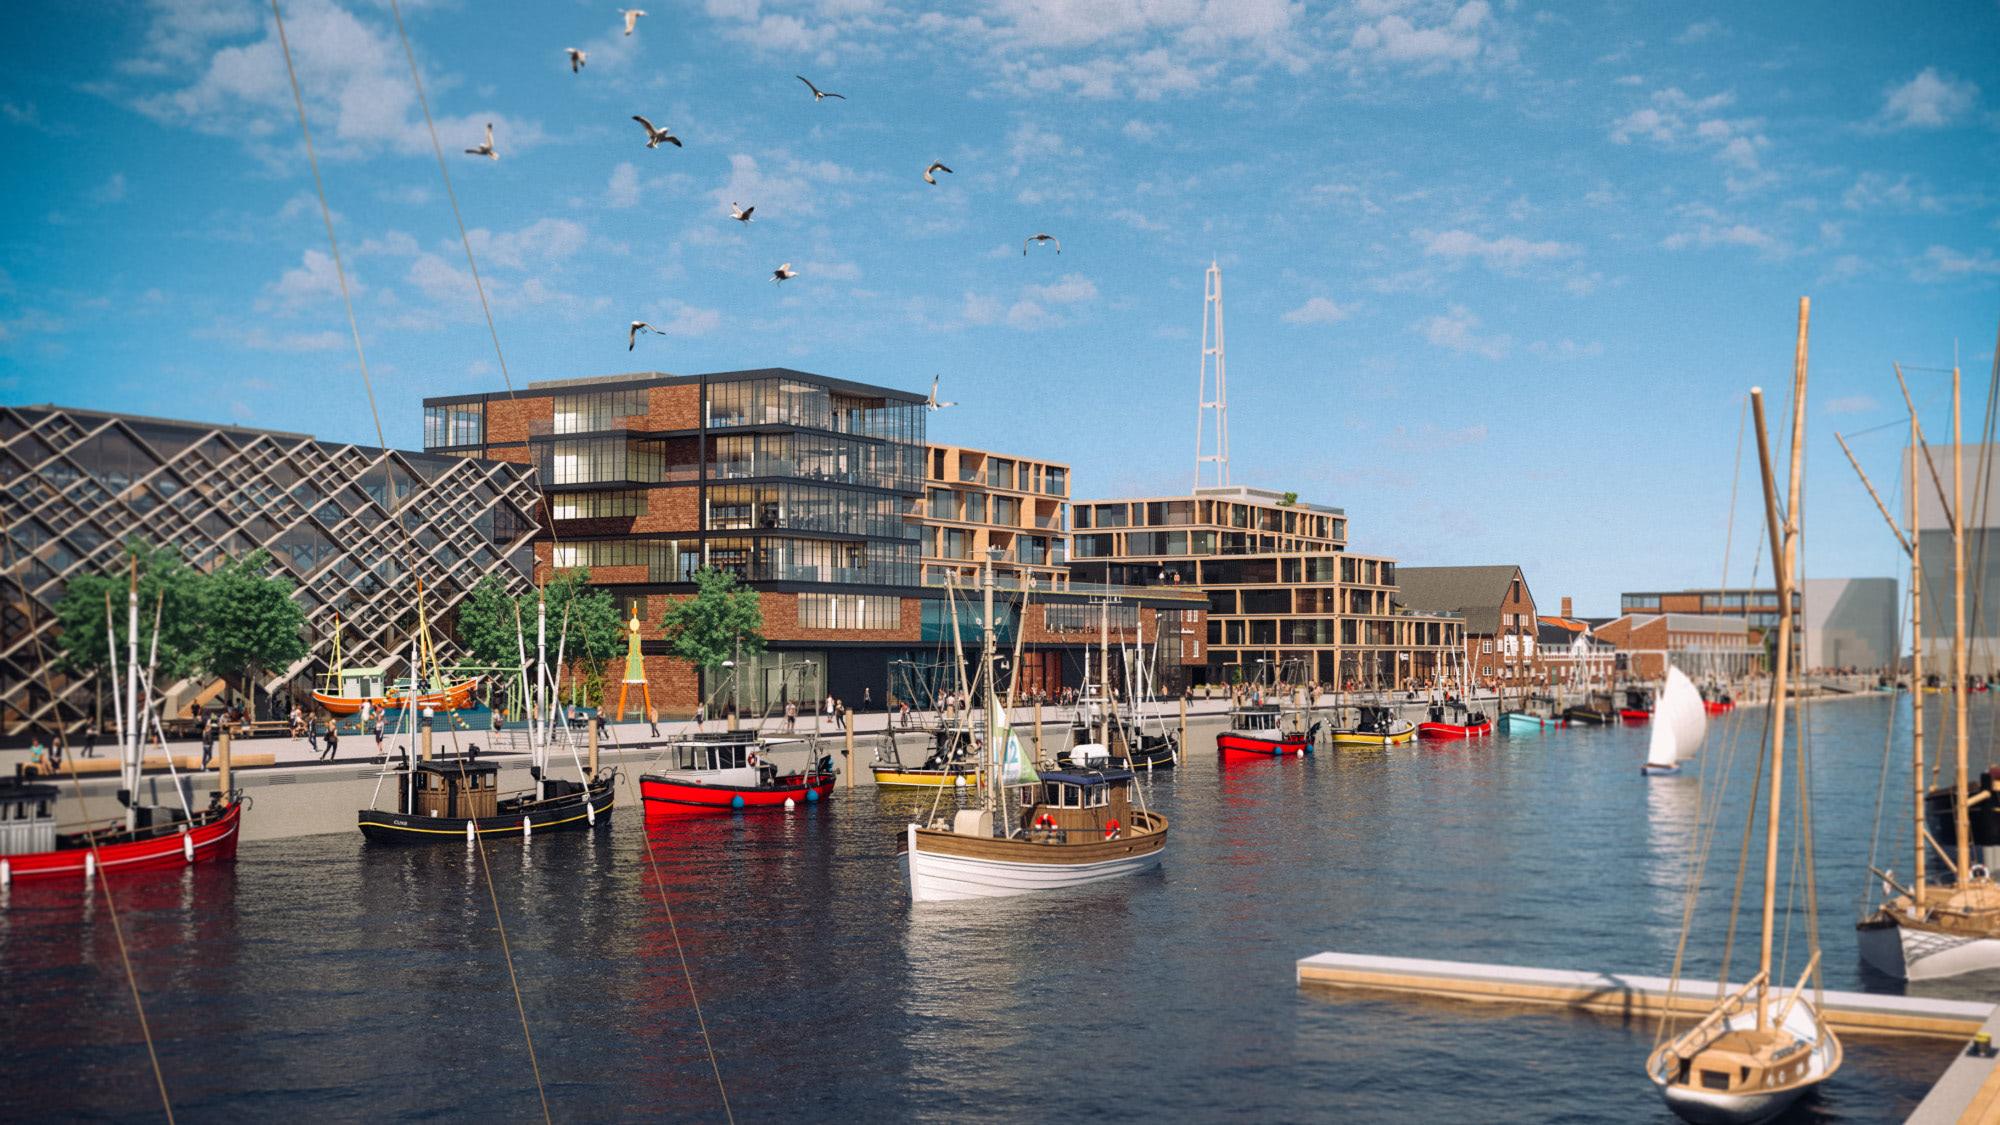 Destinationsentwicklung Quartier Alter Fischereihafen Cuxhaven Meinkenkai Boote Going Places